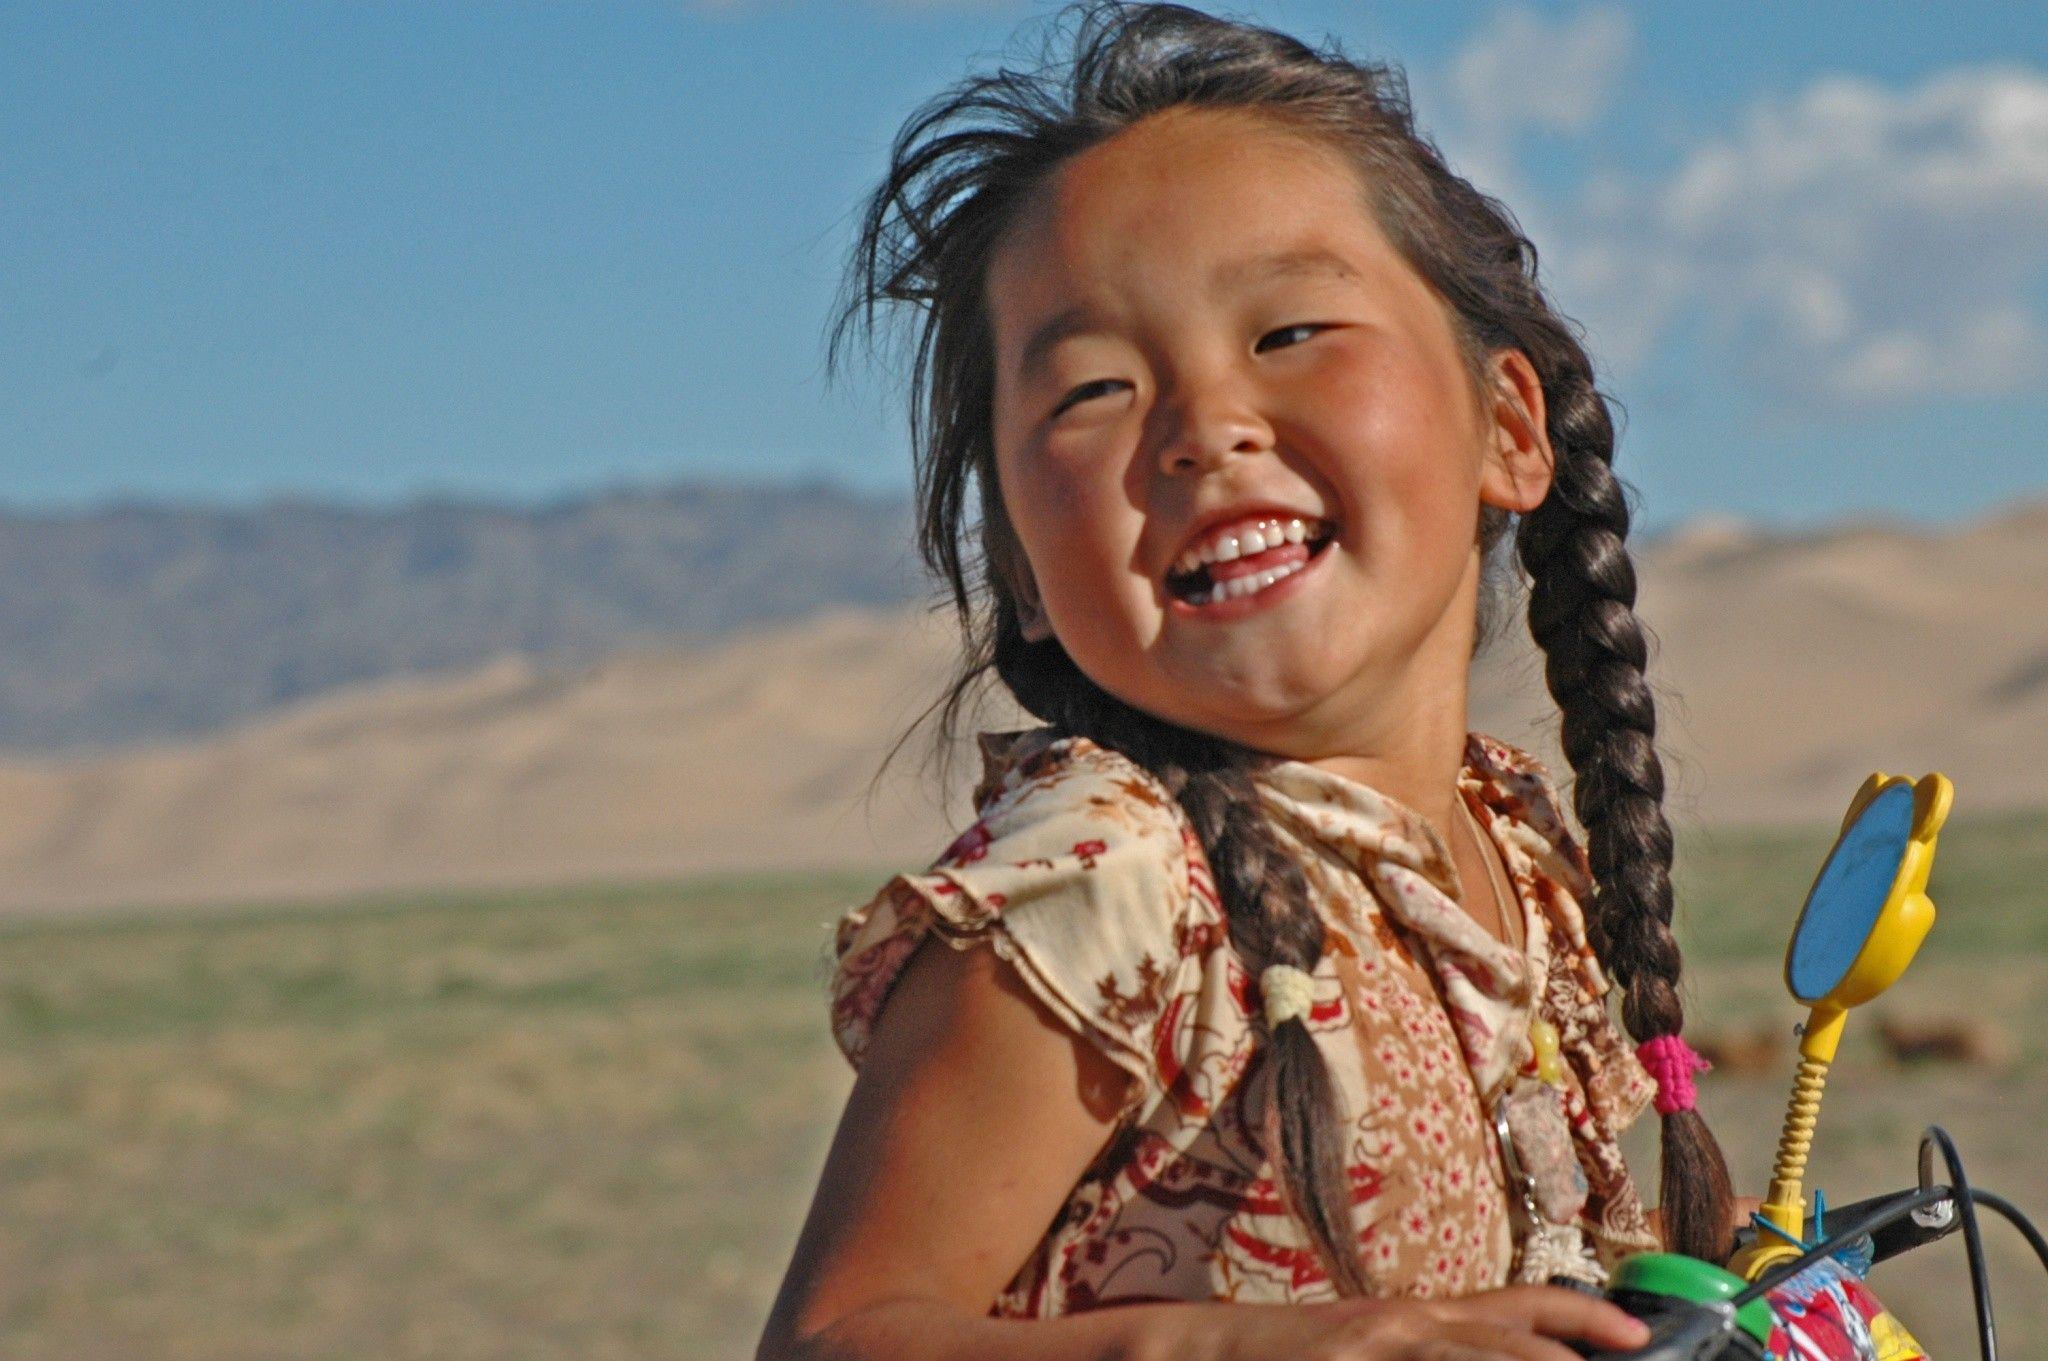 Массаж приколы, монголия картинки прикольные